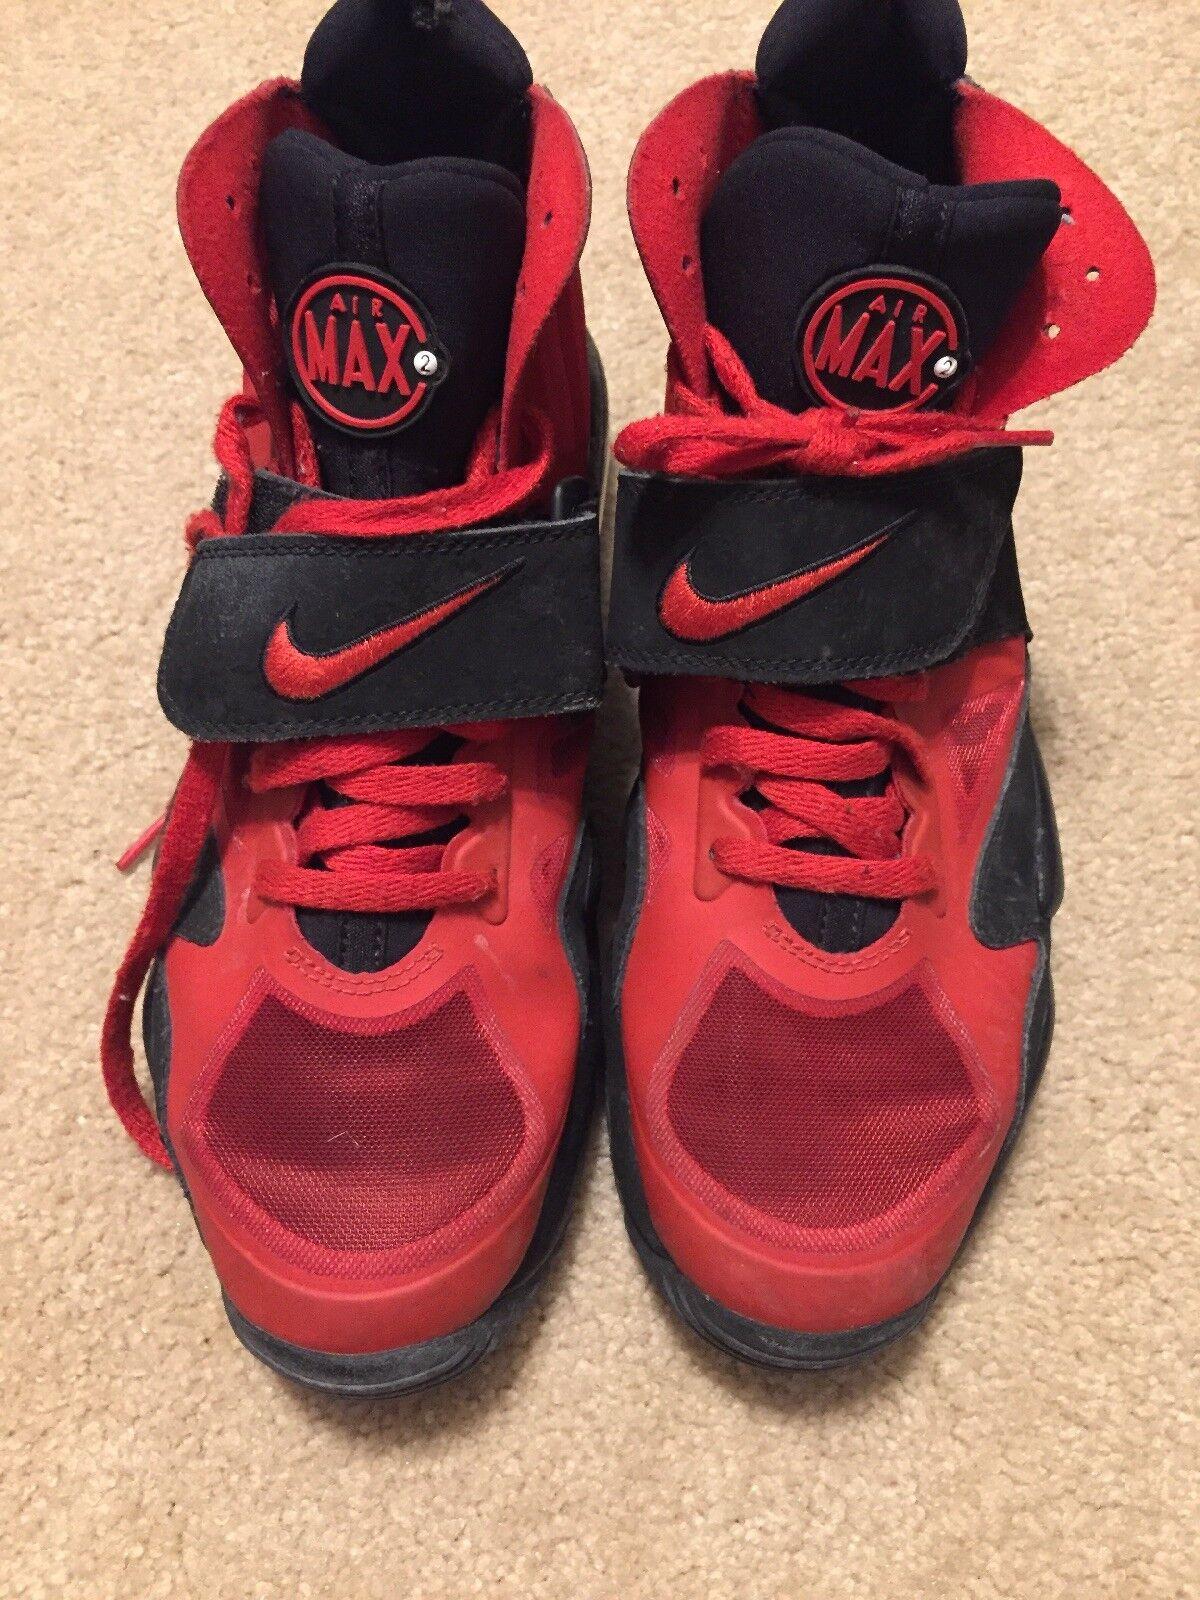 mens nike nike nike air max esprimere sport rosso scarpe da basket dimensioni 11,5 noi 525224-600 | Ad un prezzo accessibile  | Scolaro/Signora Scarpa  c79a6a